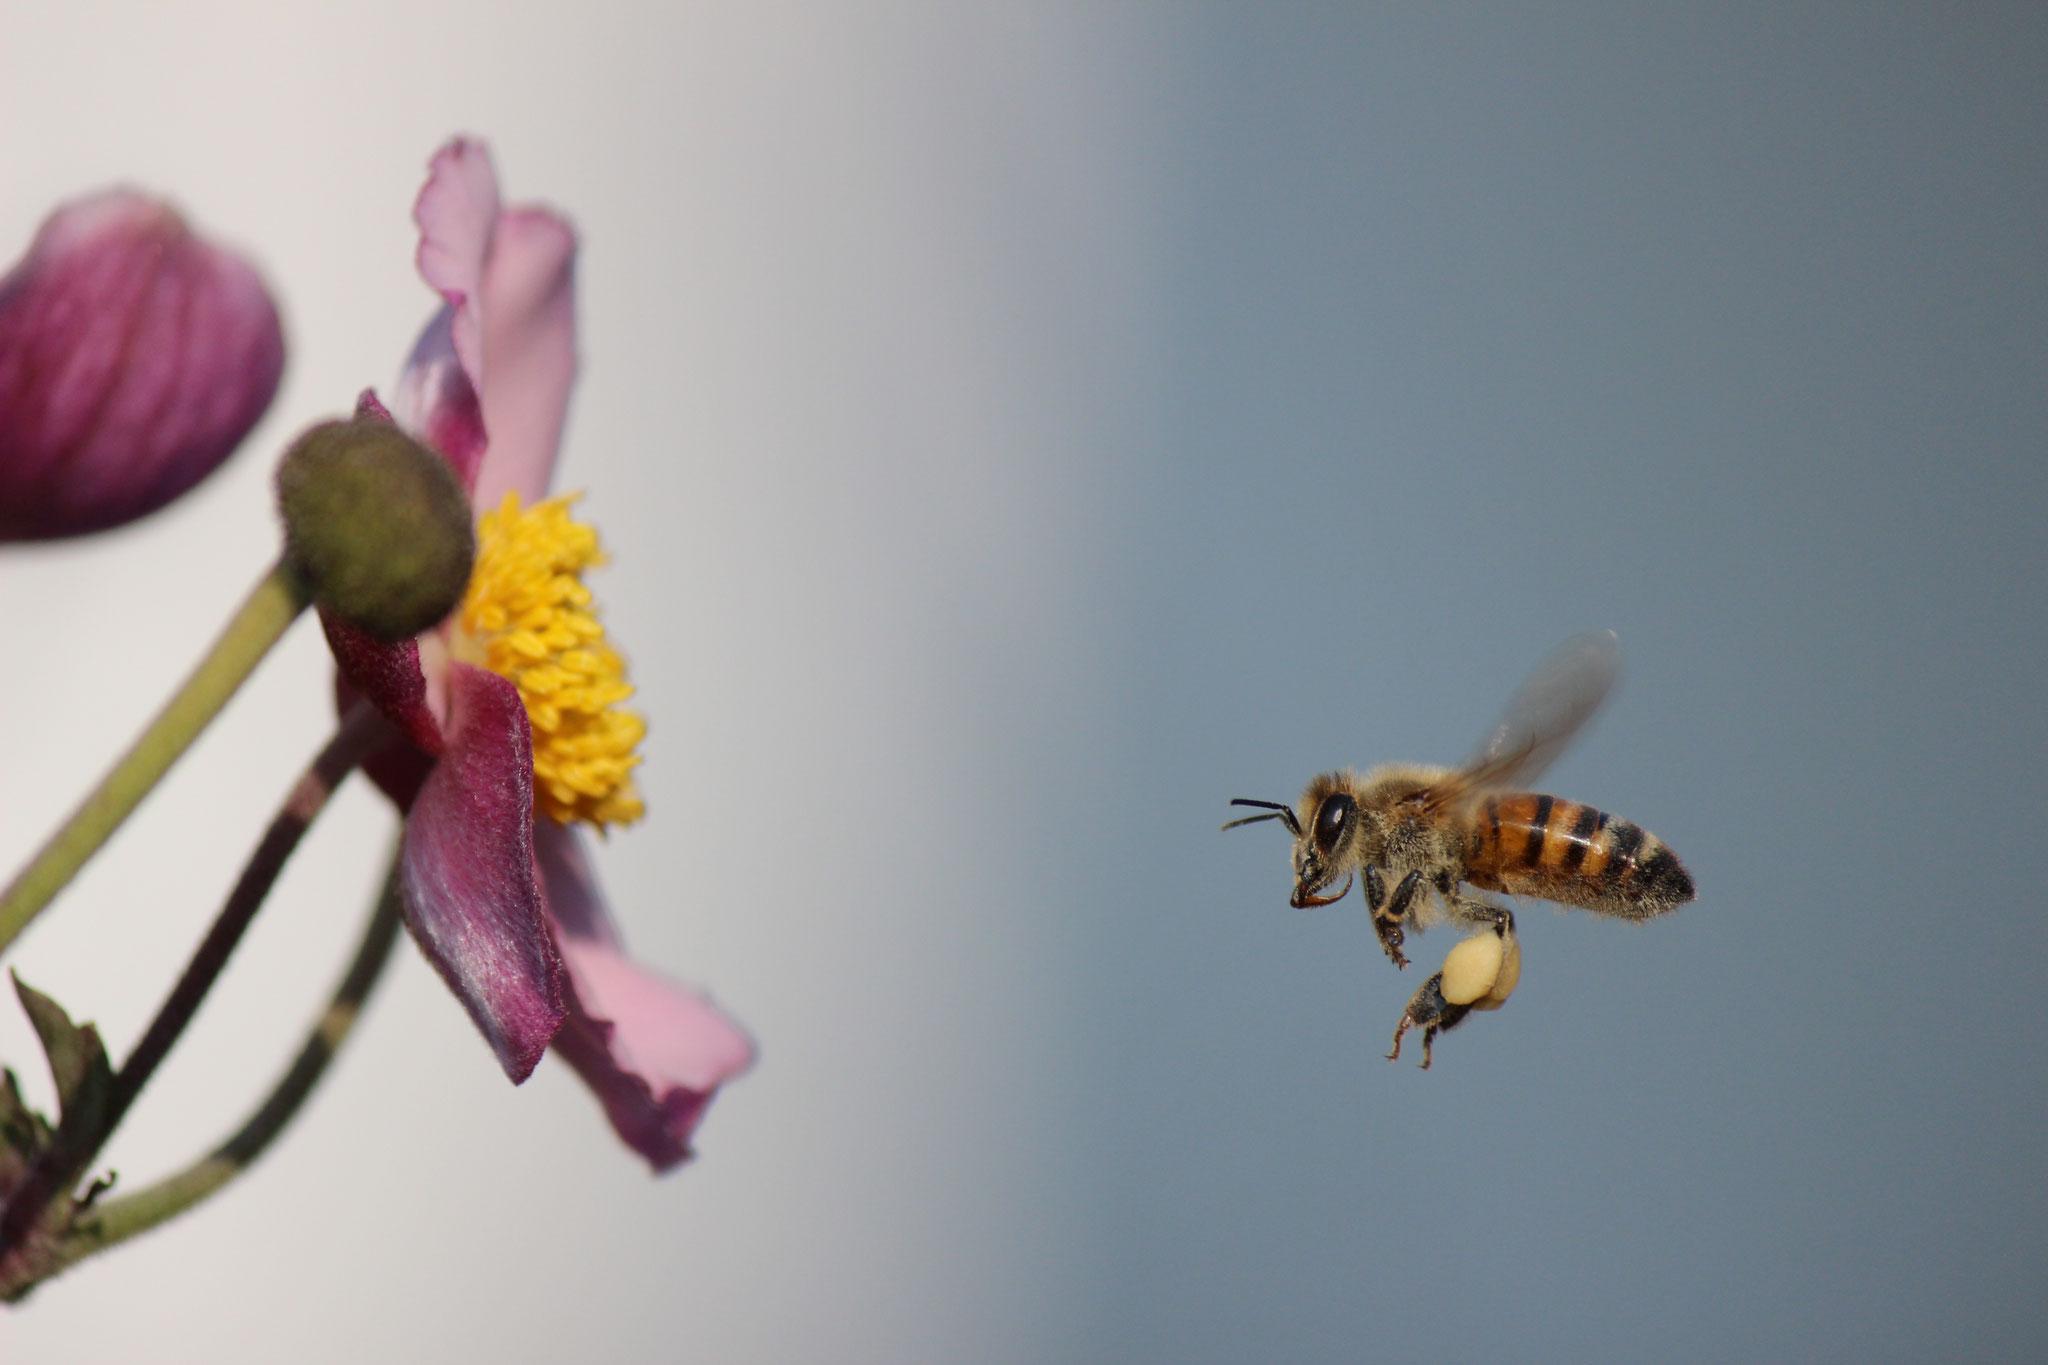 TOP 20: Markus Lenhard aus Wöllstein hat eine Honigbiene im Anflug auf eine Blüte perfekt getroffen!